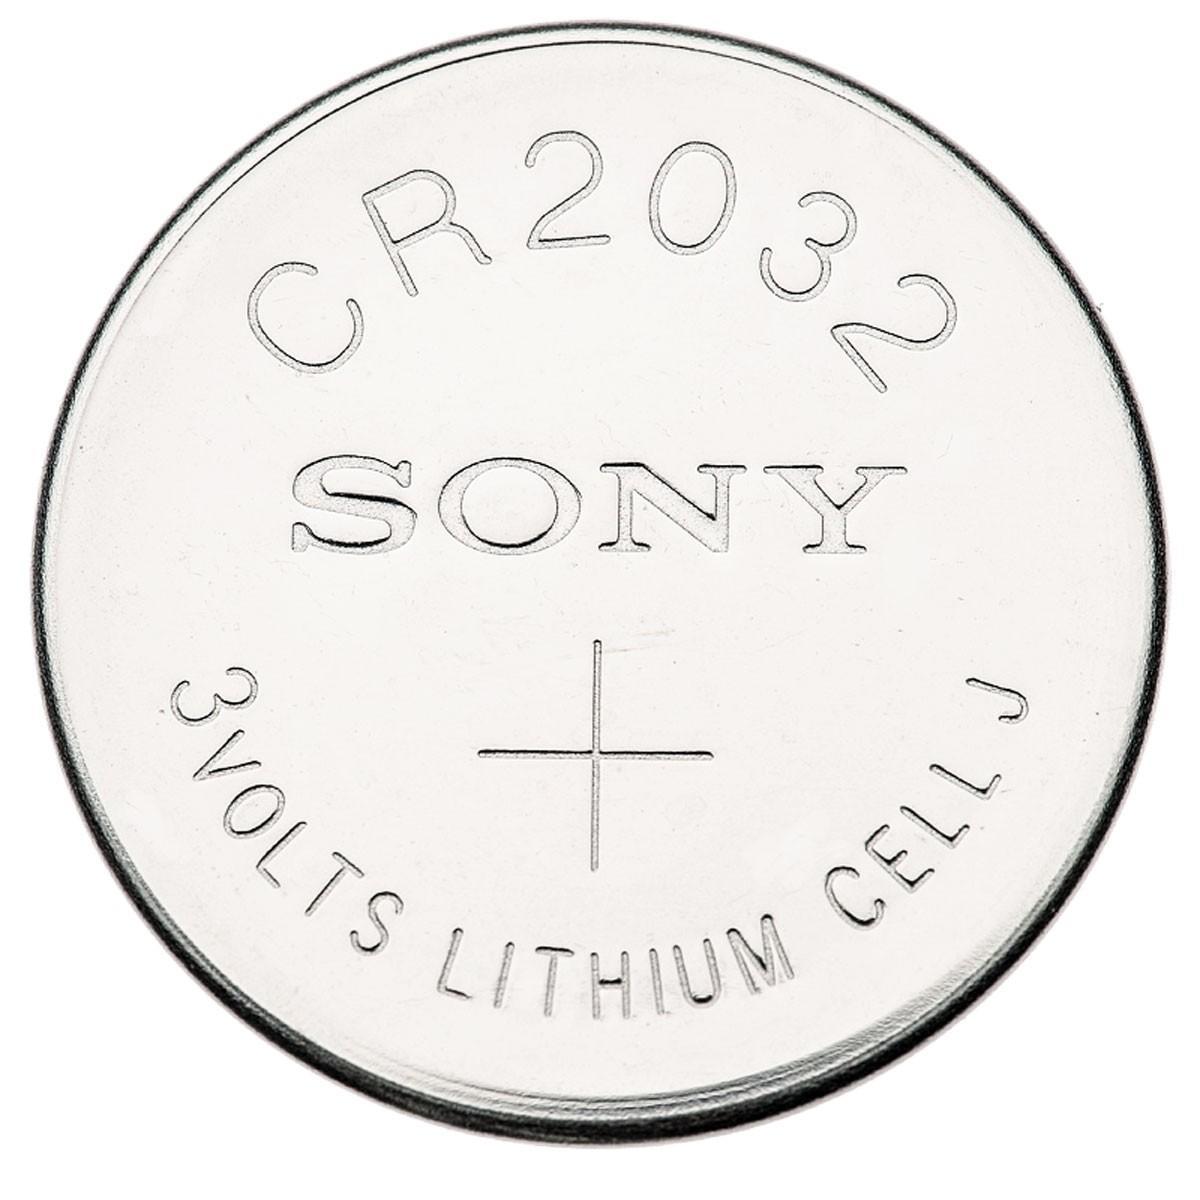 Batterijen 1001390954 met een korting — koop nu!